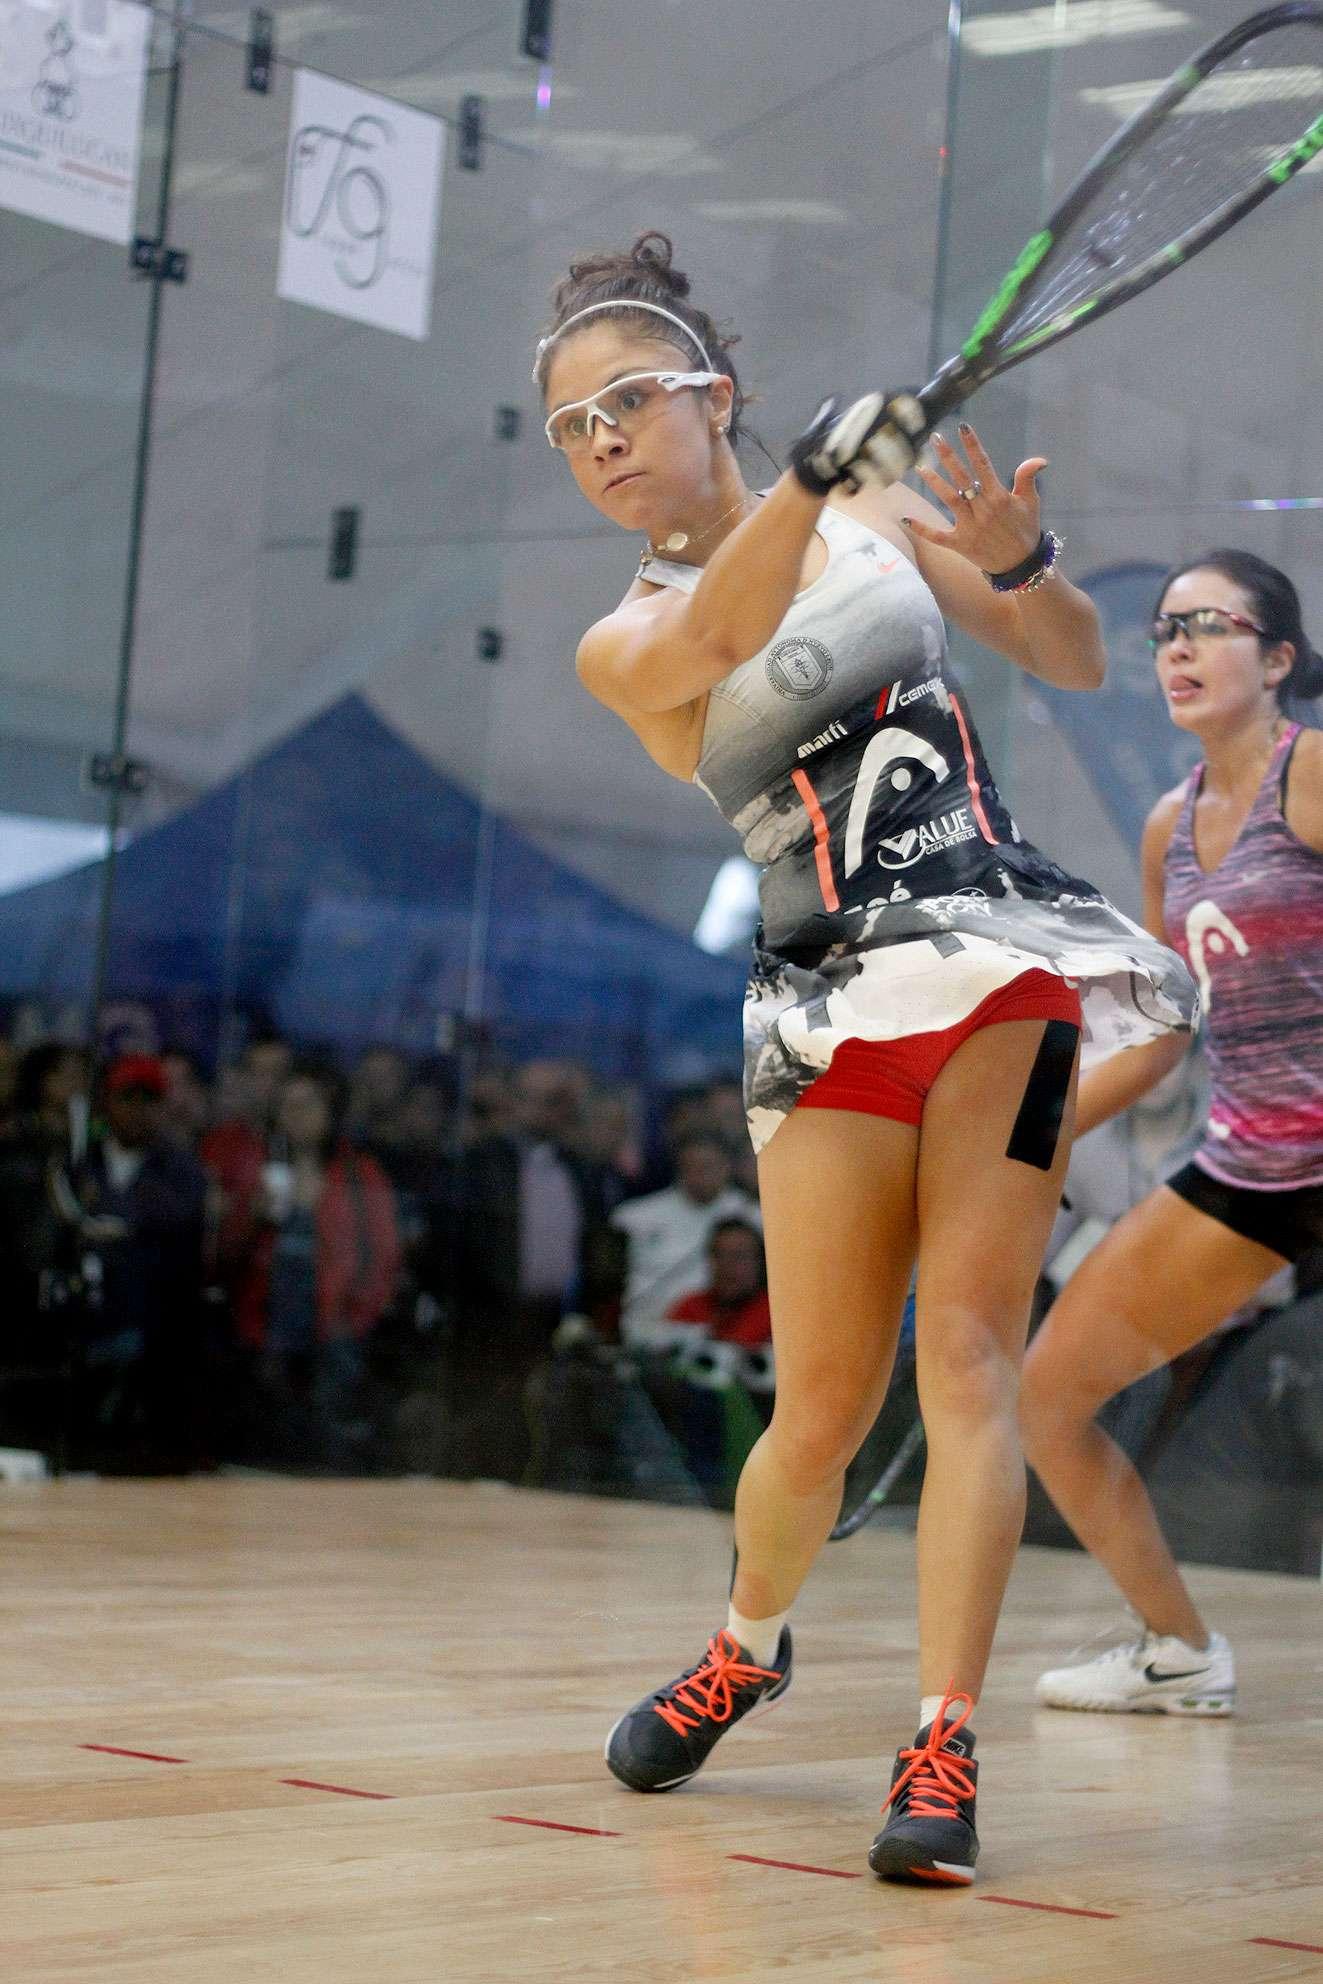 La mexicana Paola Longoria ganó el Abierto Mexicano de Raquetas 2014 al derrotar en cuatro sets a la argentina María José Vargas con parciales de 11-8, 2-11, 11-3 y 11-7, para llegar a su título 36 consecutivo y 52 de por vida, con seguidilla de 145 partidos ganados en la Ladies Professional Racquetball Tour (LPRT). Foto: http://www.abiertomexicanoderaquetas.com/